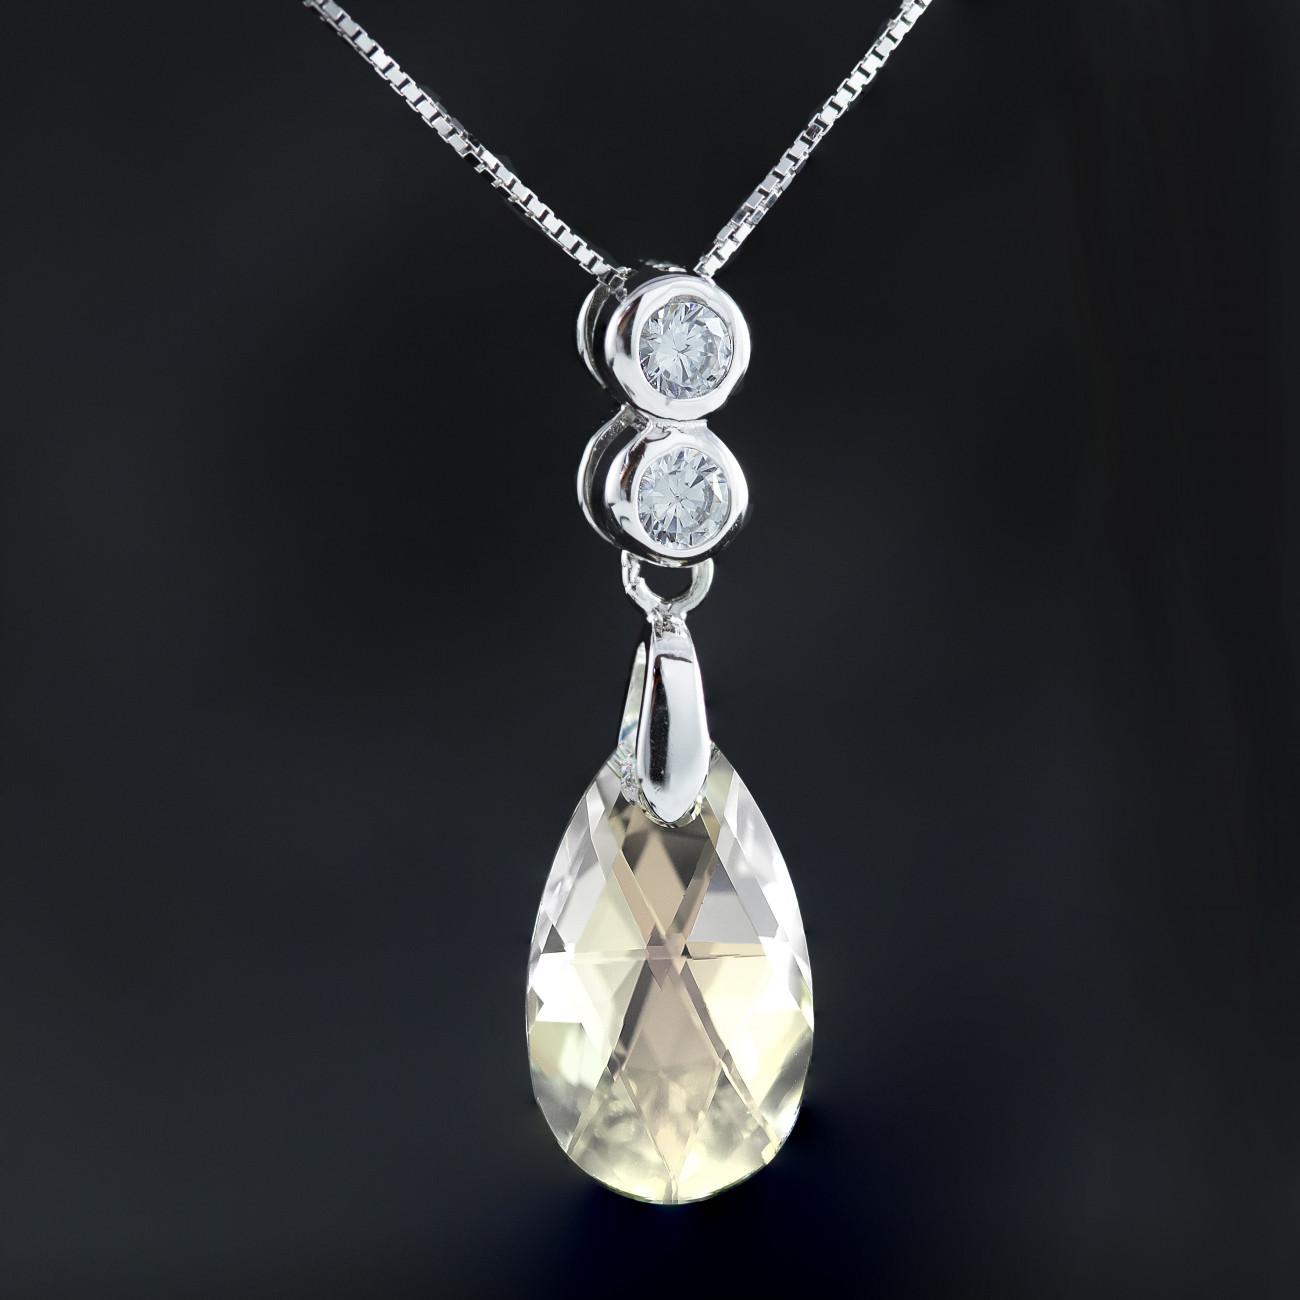 Stříbrný náhrdelník s pravým krystalem Swarovski ovál AB